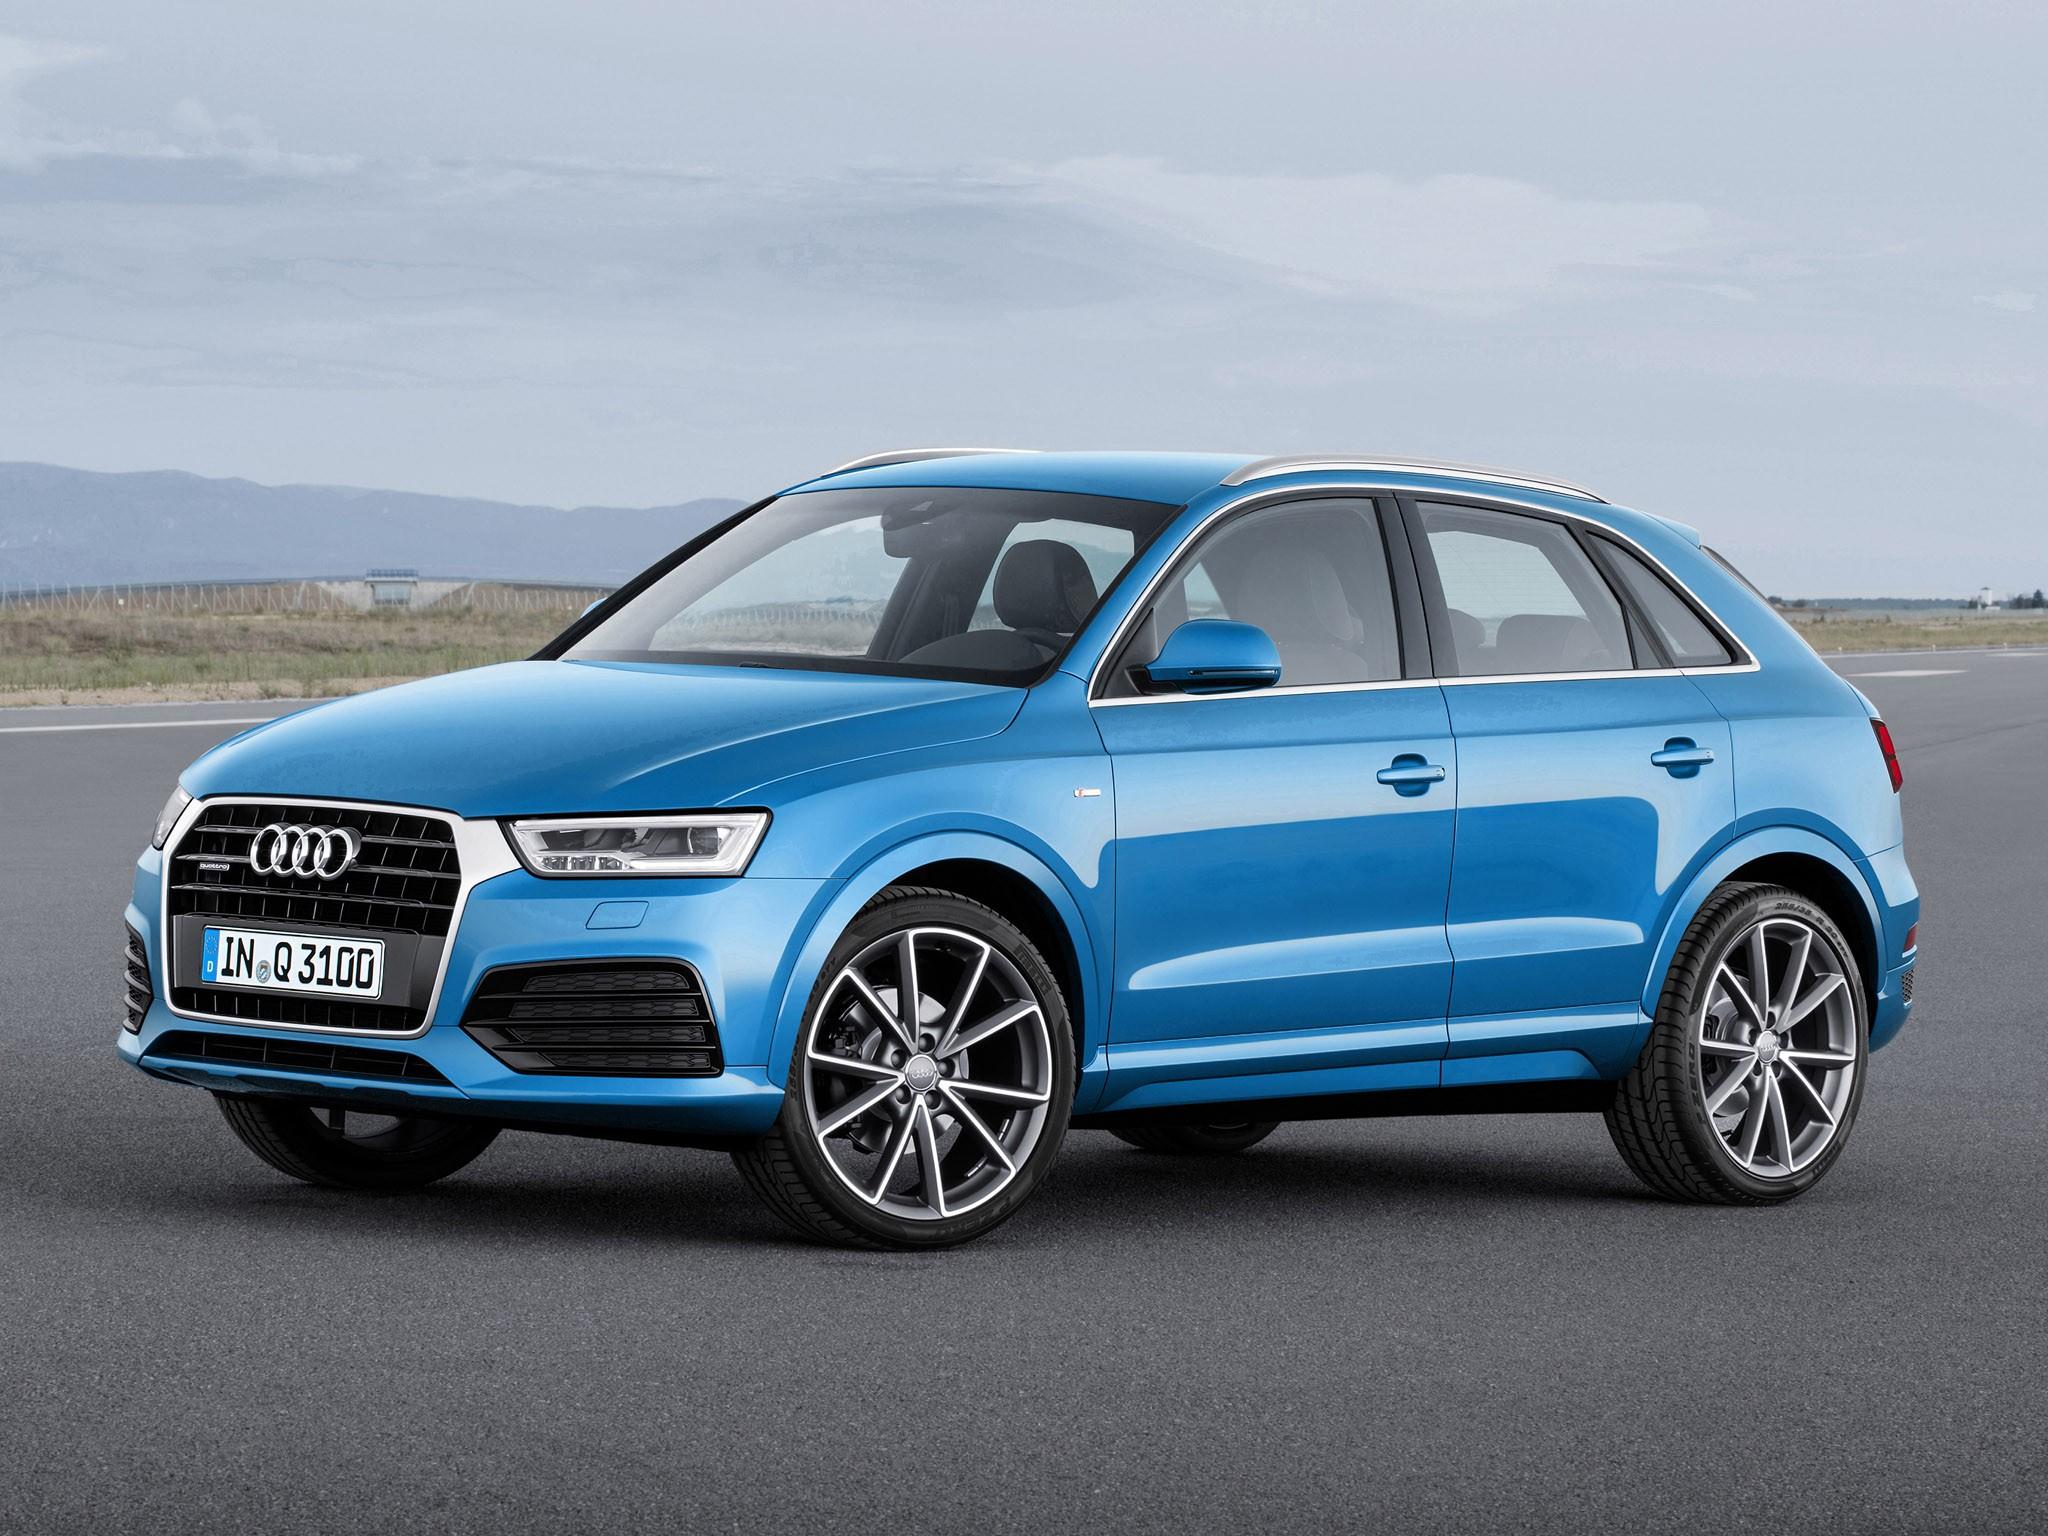 2015 Audi-Q3 S-Line 2.0 TDI Quattro